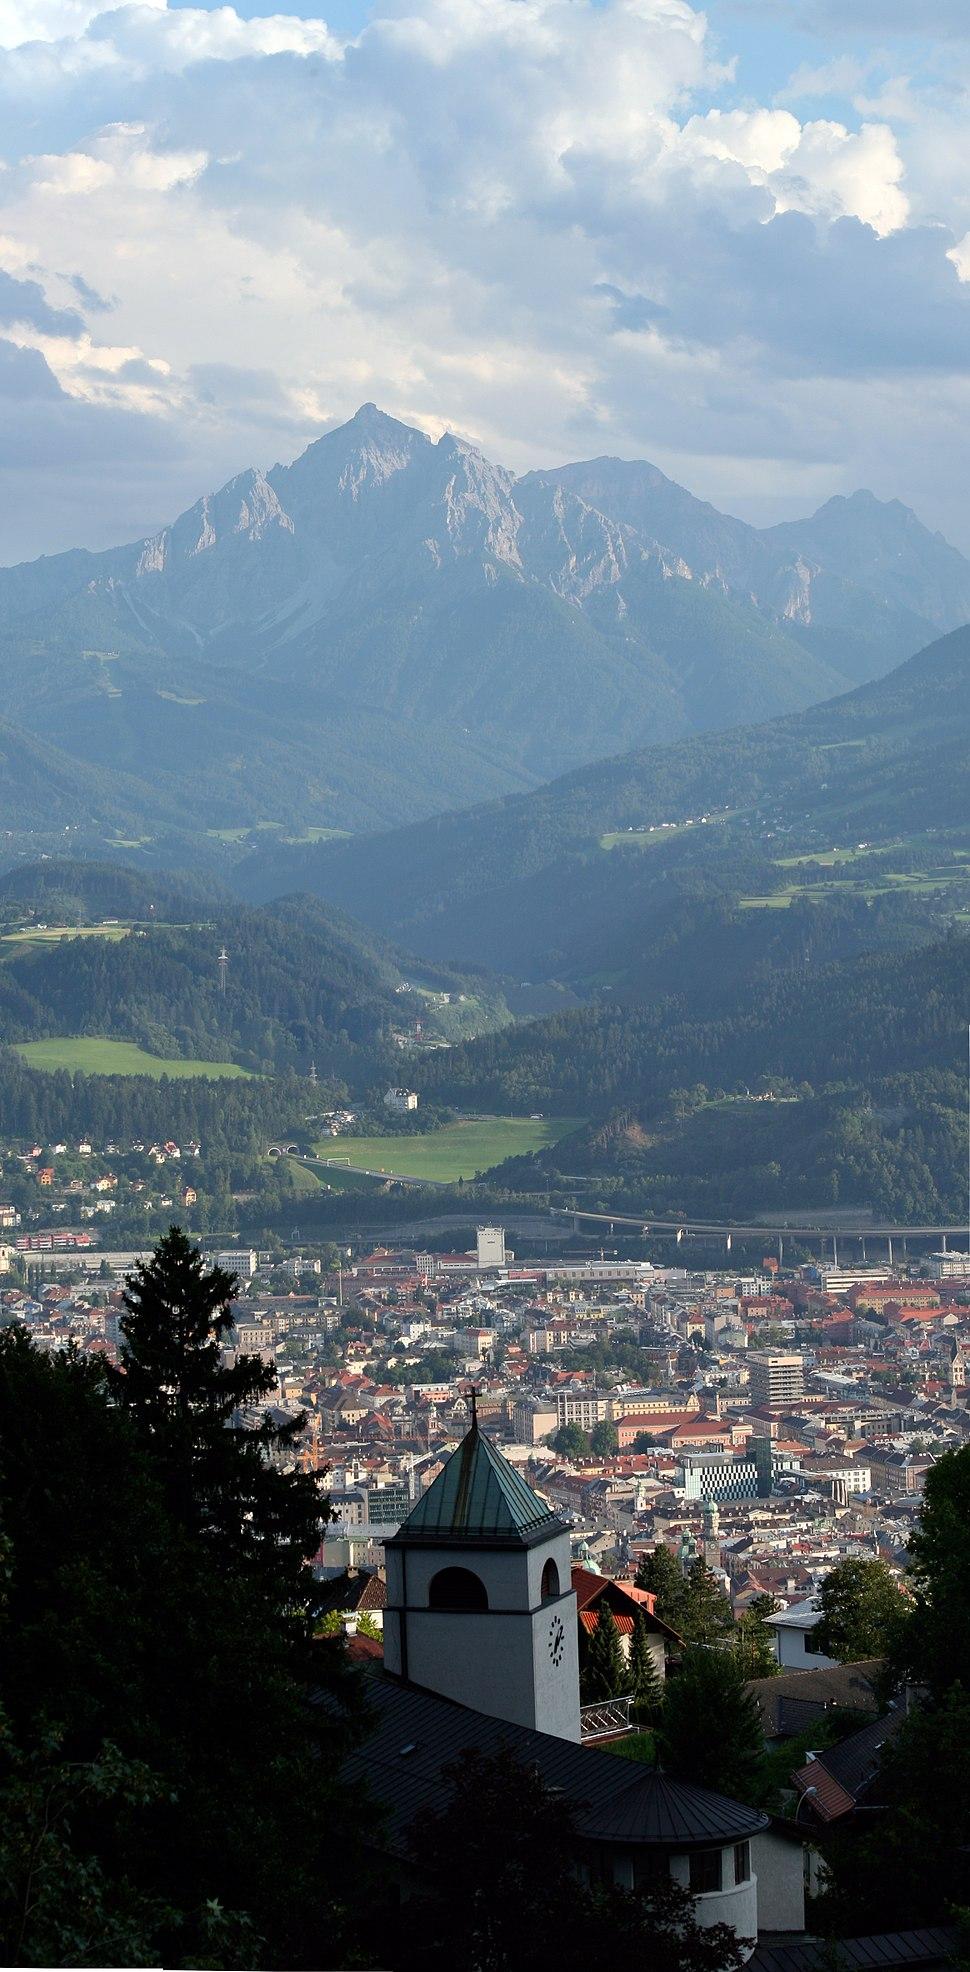 Innsbruck overlook with town